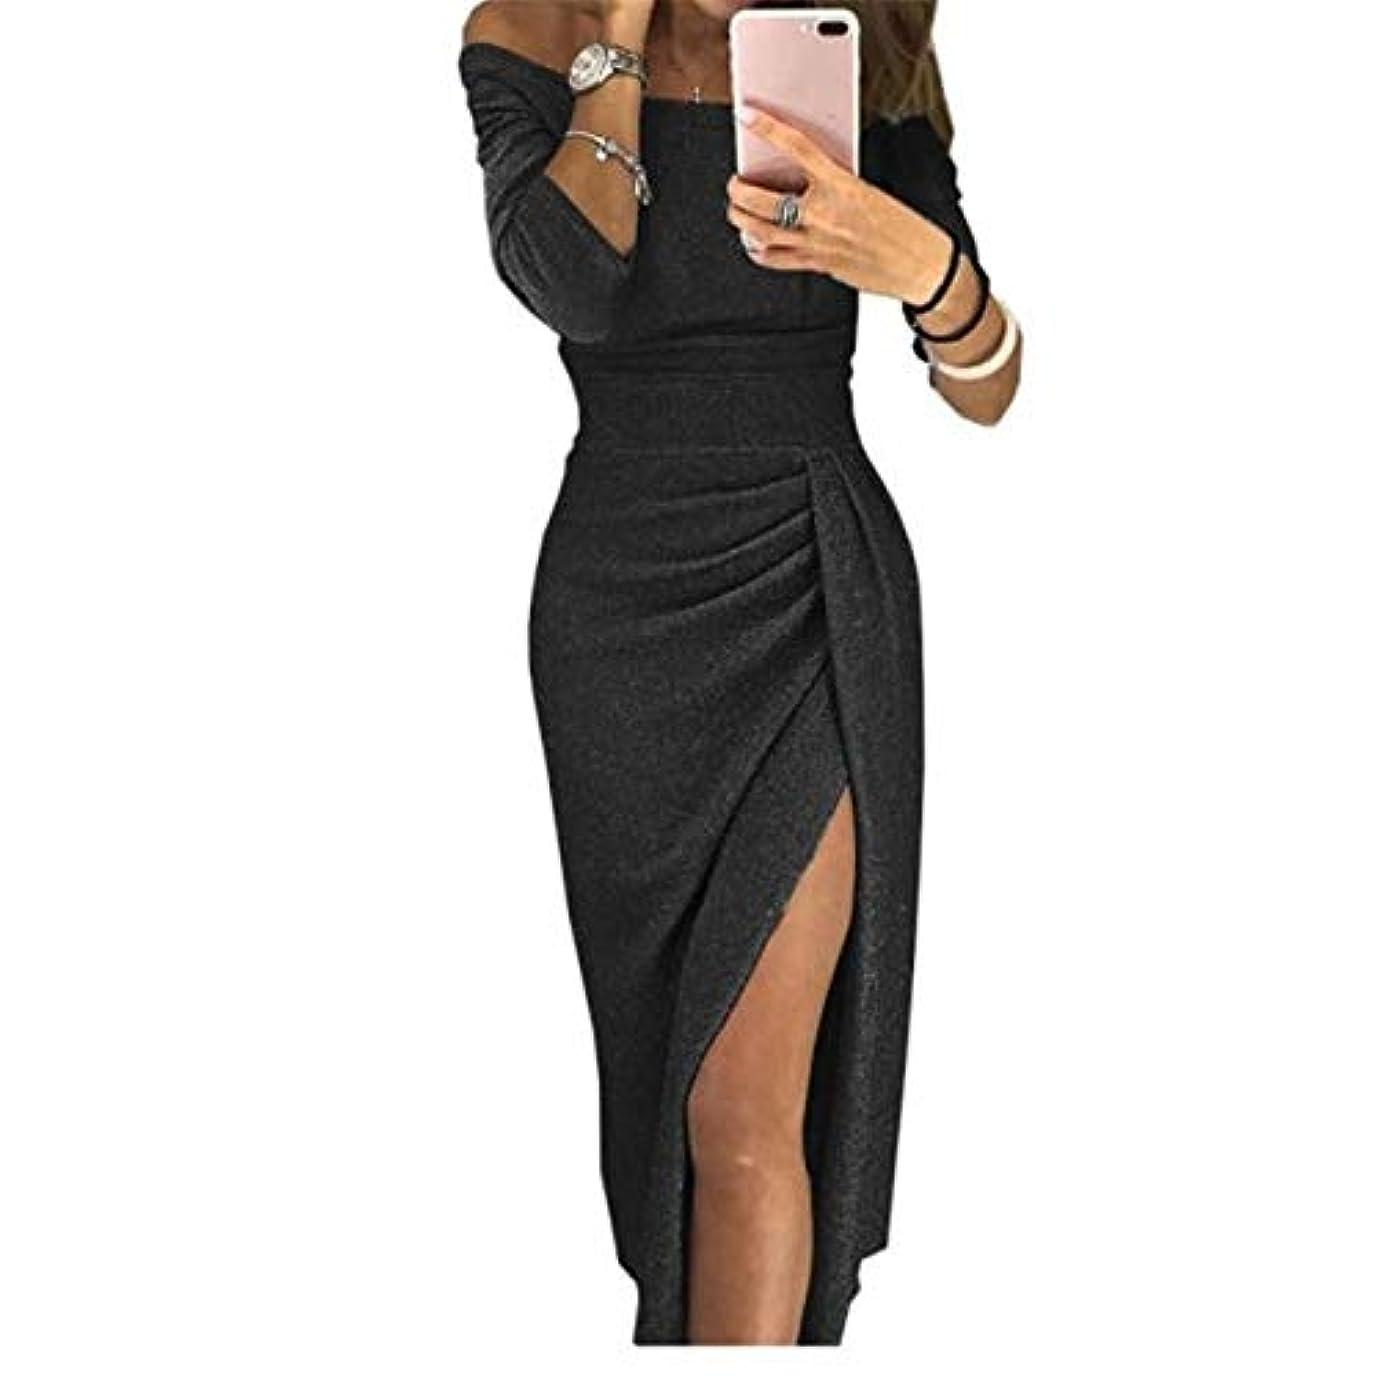 赤面書き込みスムーズにOnderroa - 夏の女性のドレスはネックパッケージヒップスプリットセクシーなスパンコールのドレスレディース包帯パーティーナイトクラブミッドカーフ服装スラッシュ